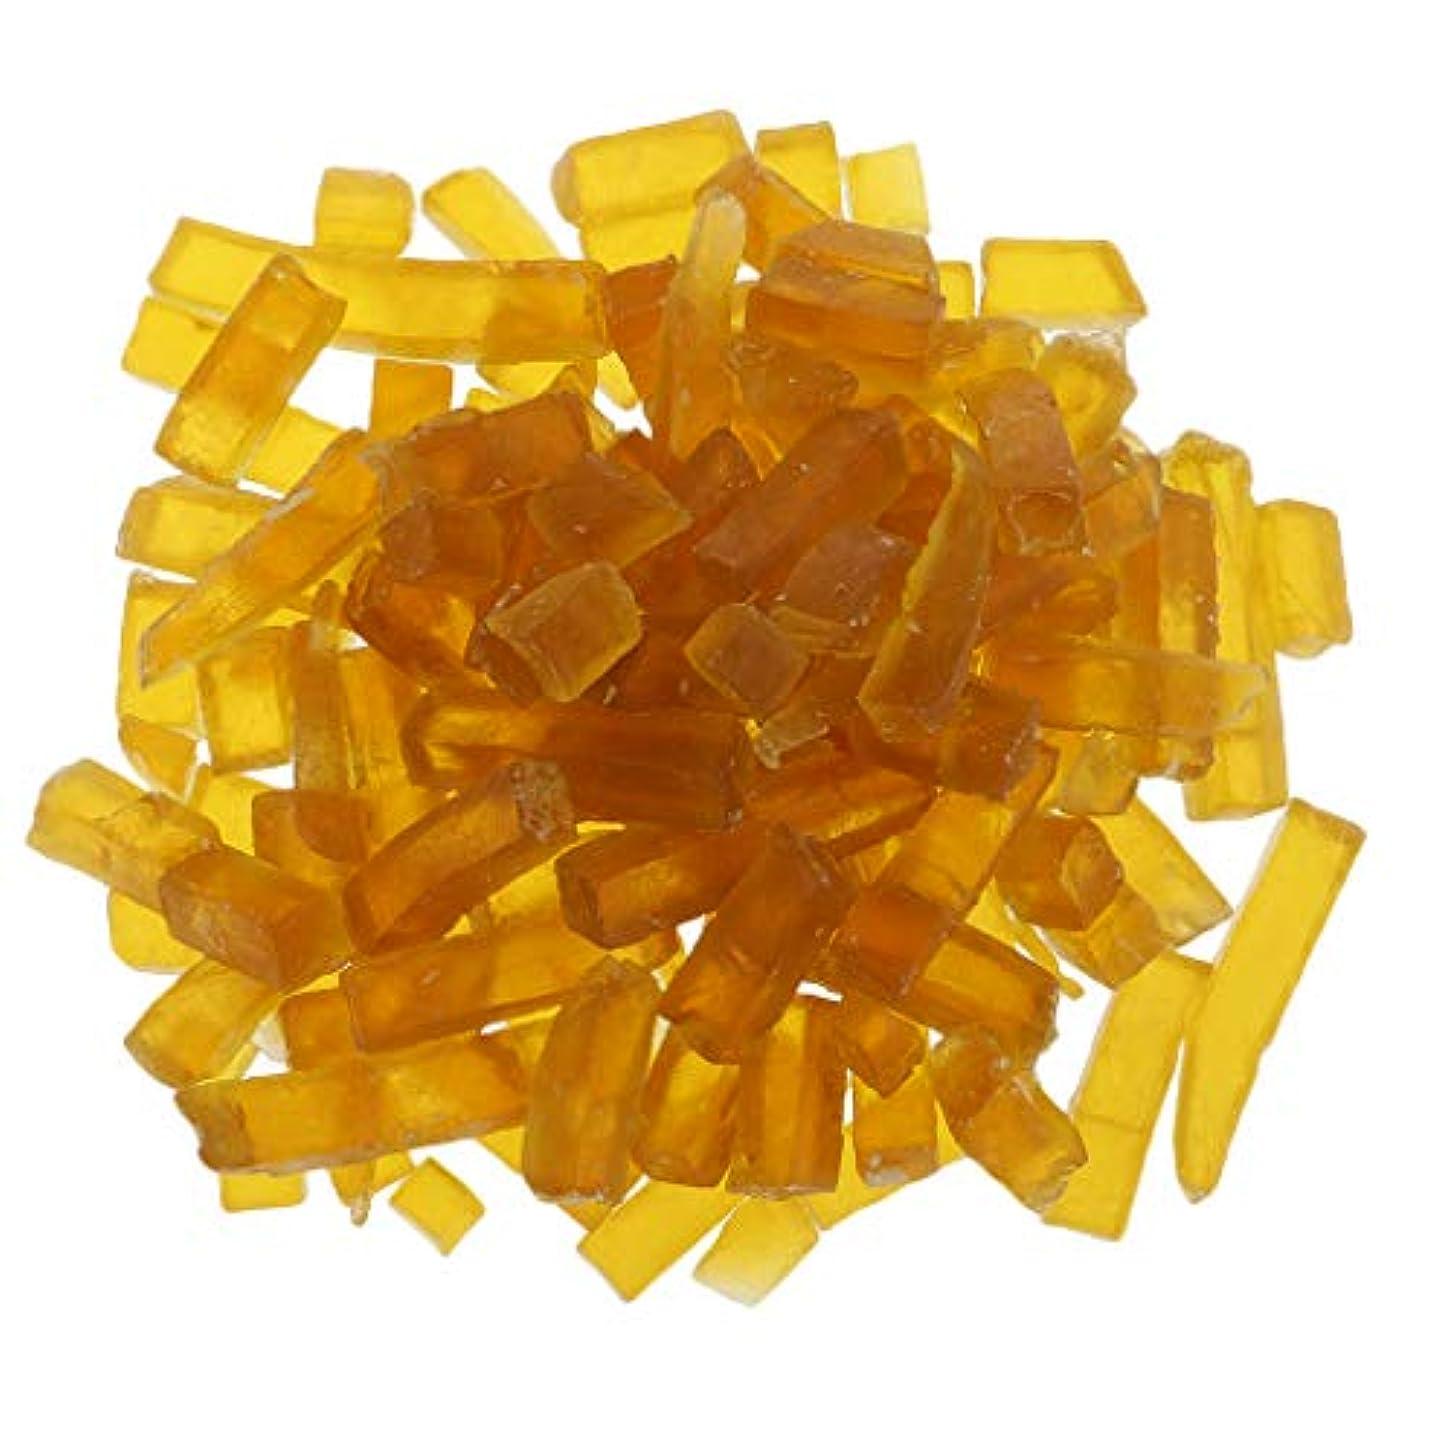 ジャーナルレンジ値するソープベース 石けん素地 溶融植物 手作り 石鹸用 天然植物 250g イエロー